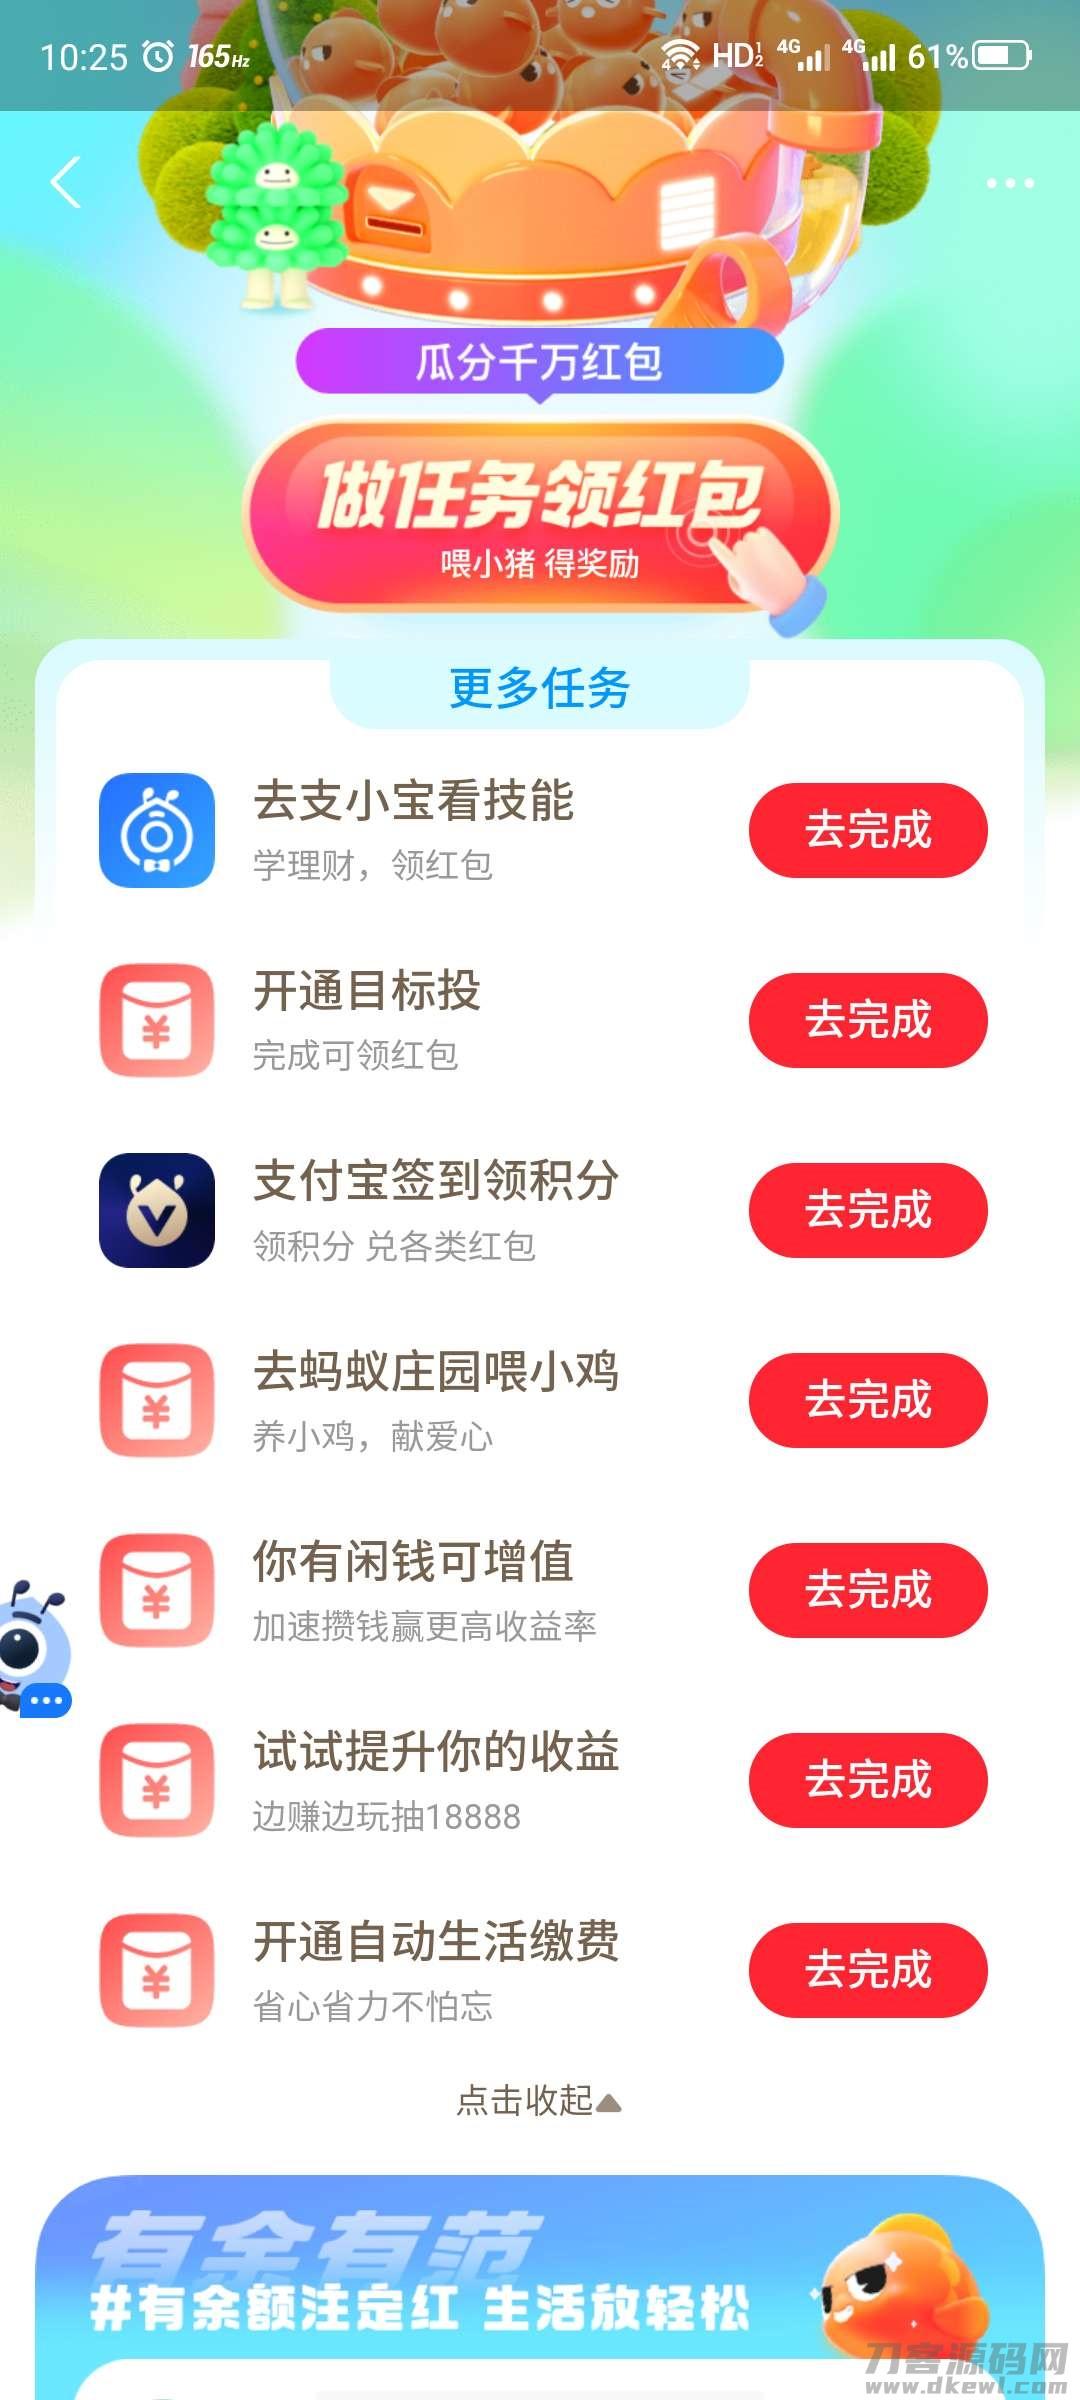 【红包】每月多抽红包插图3